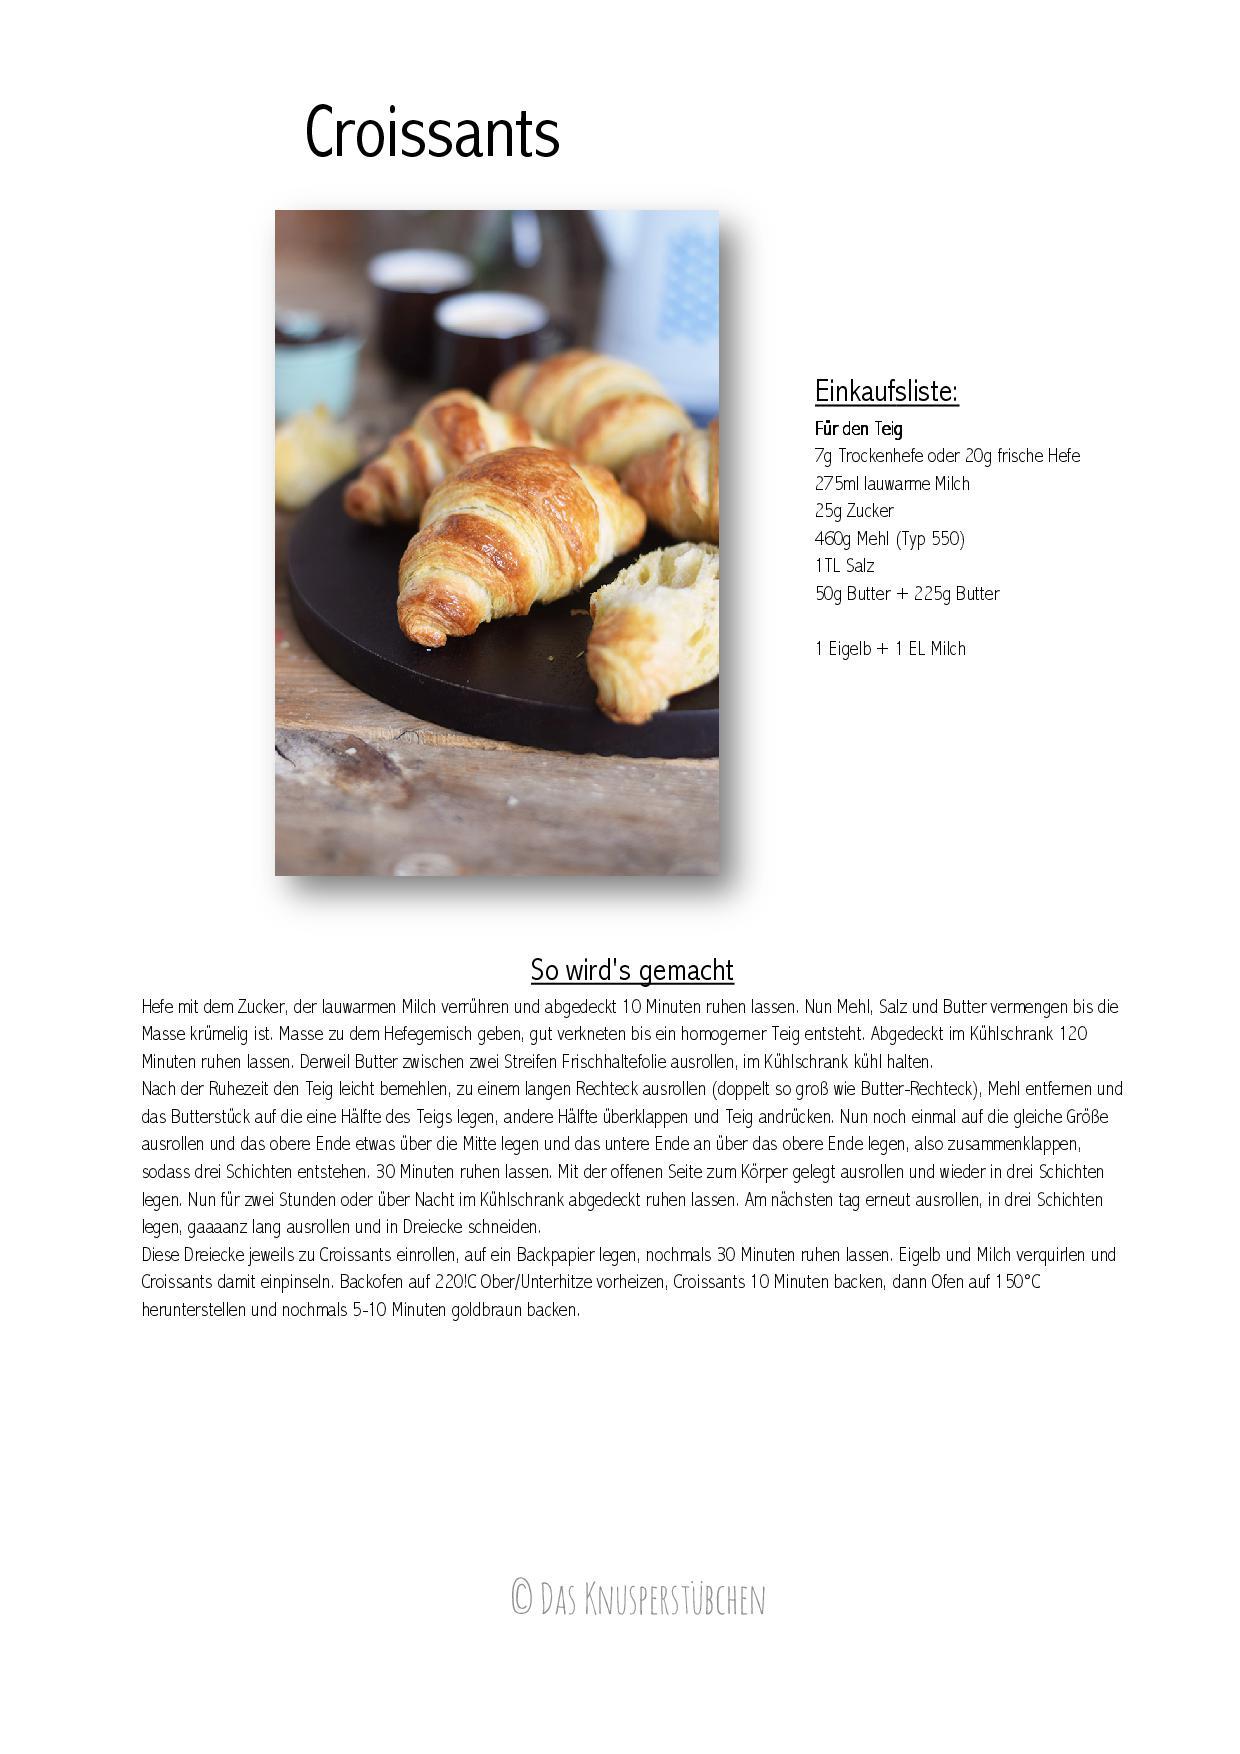 Croissants-001